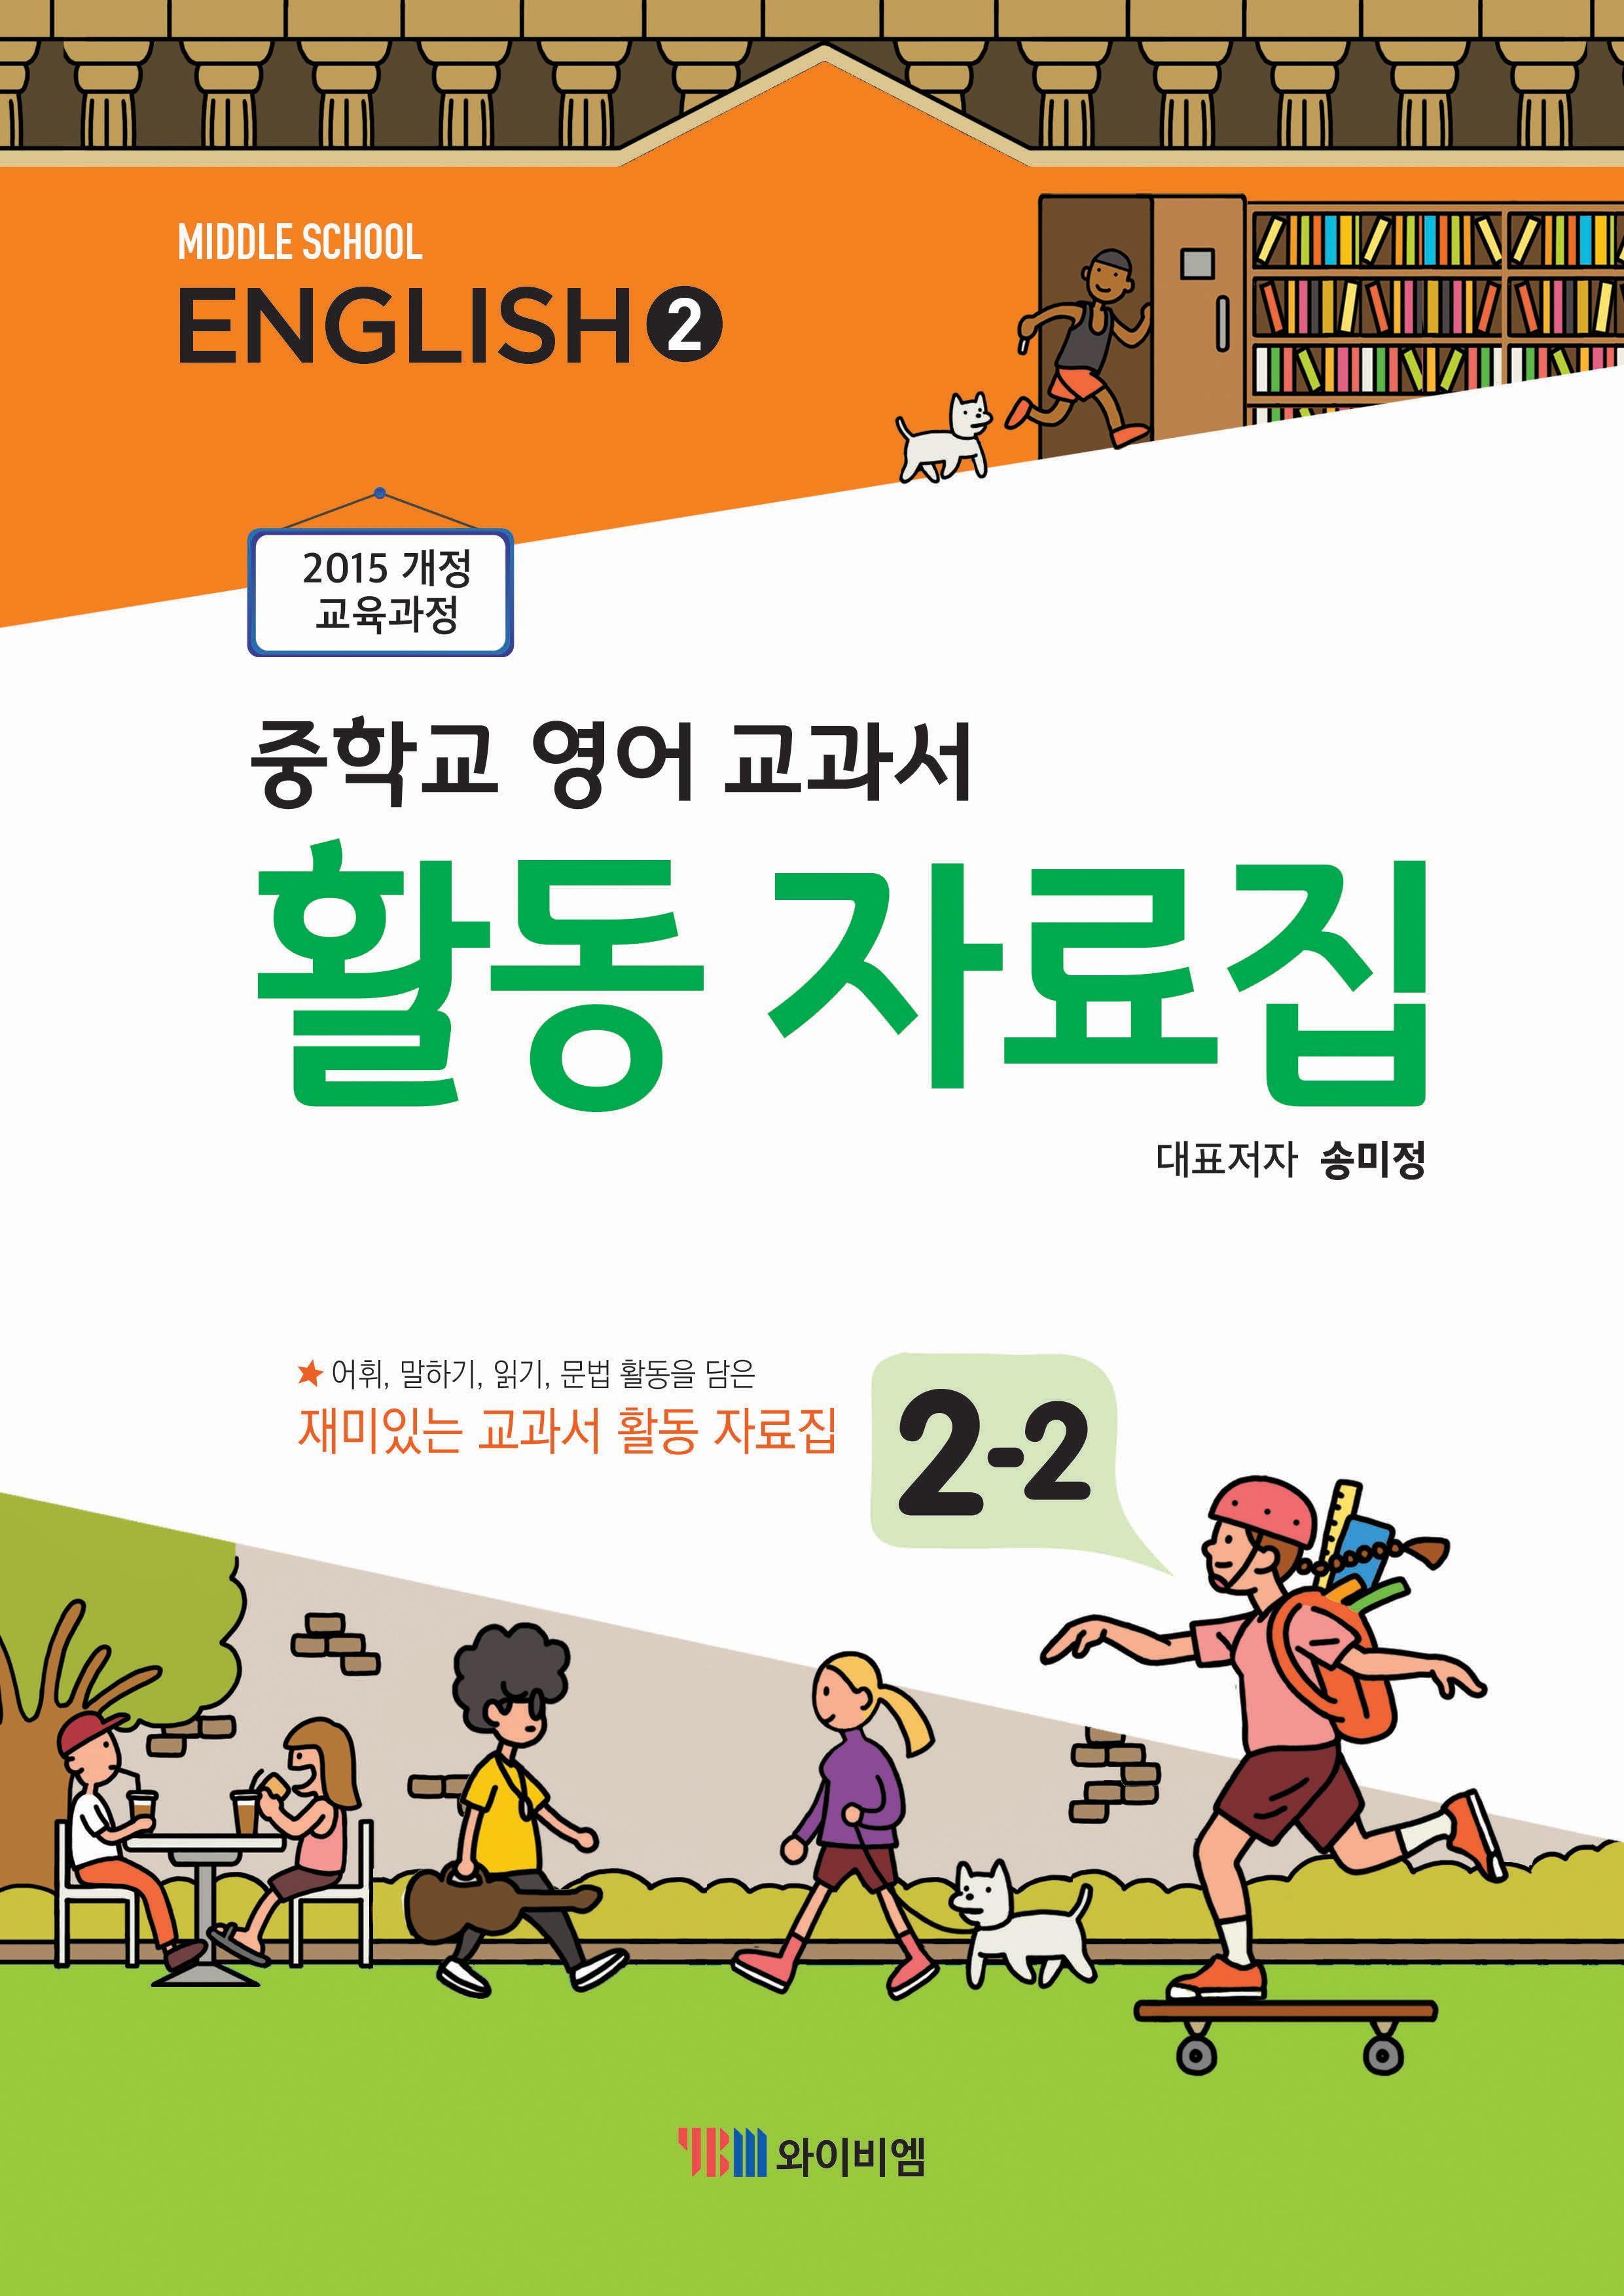 중학교 영어 2학년 2학기(송미정) 교과서 활동 자료집